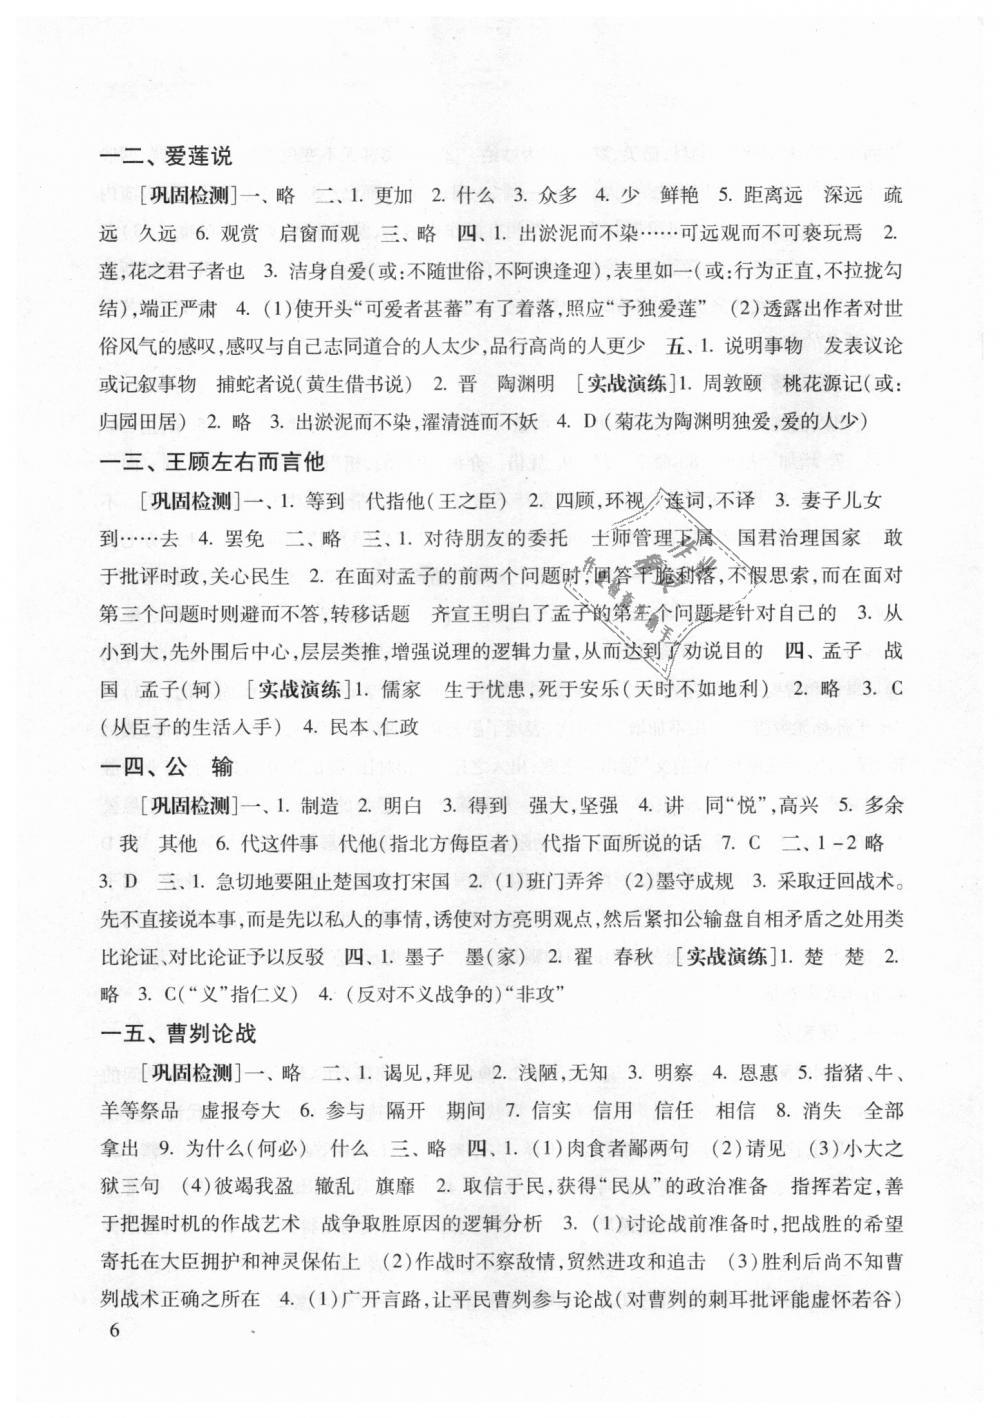 2018年中考文言诗文考试篇目点击九年级语文沪教版第6页